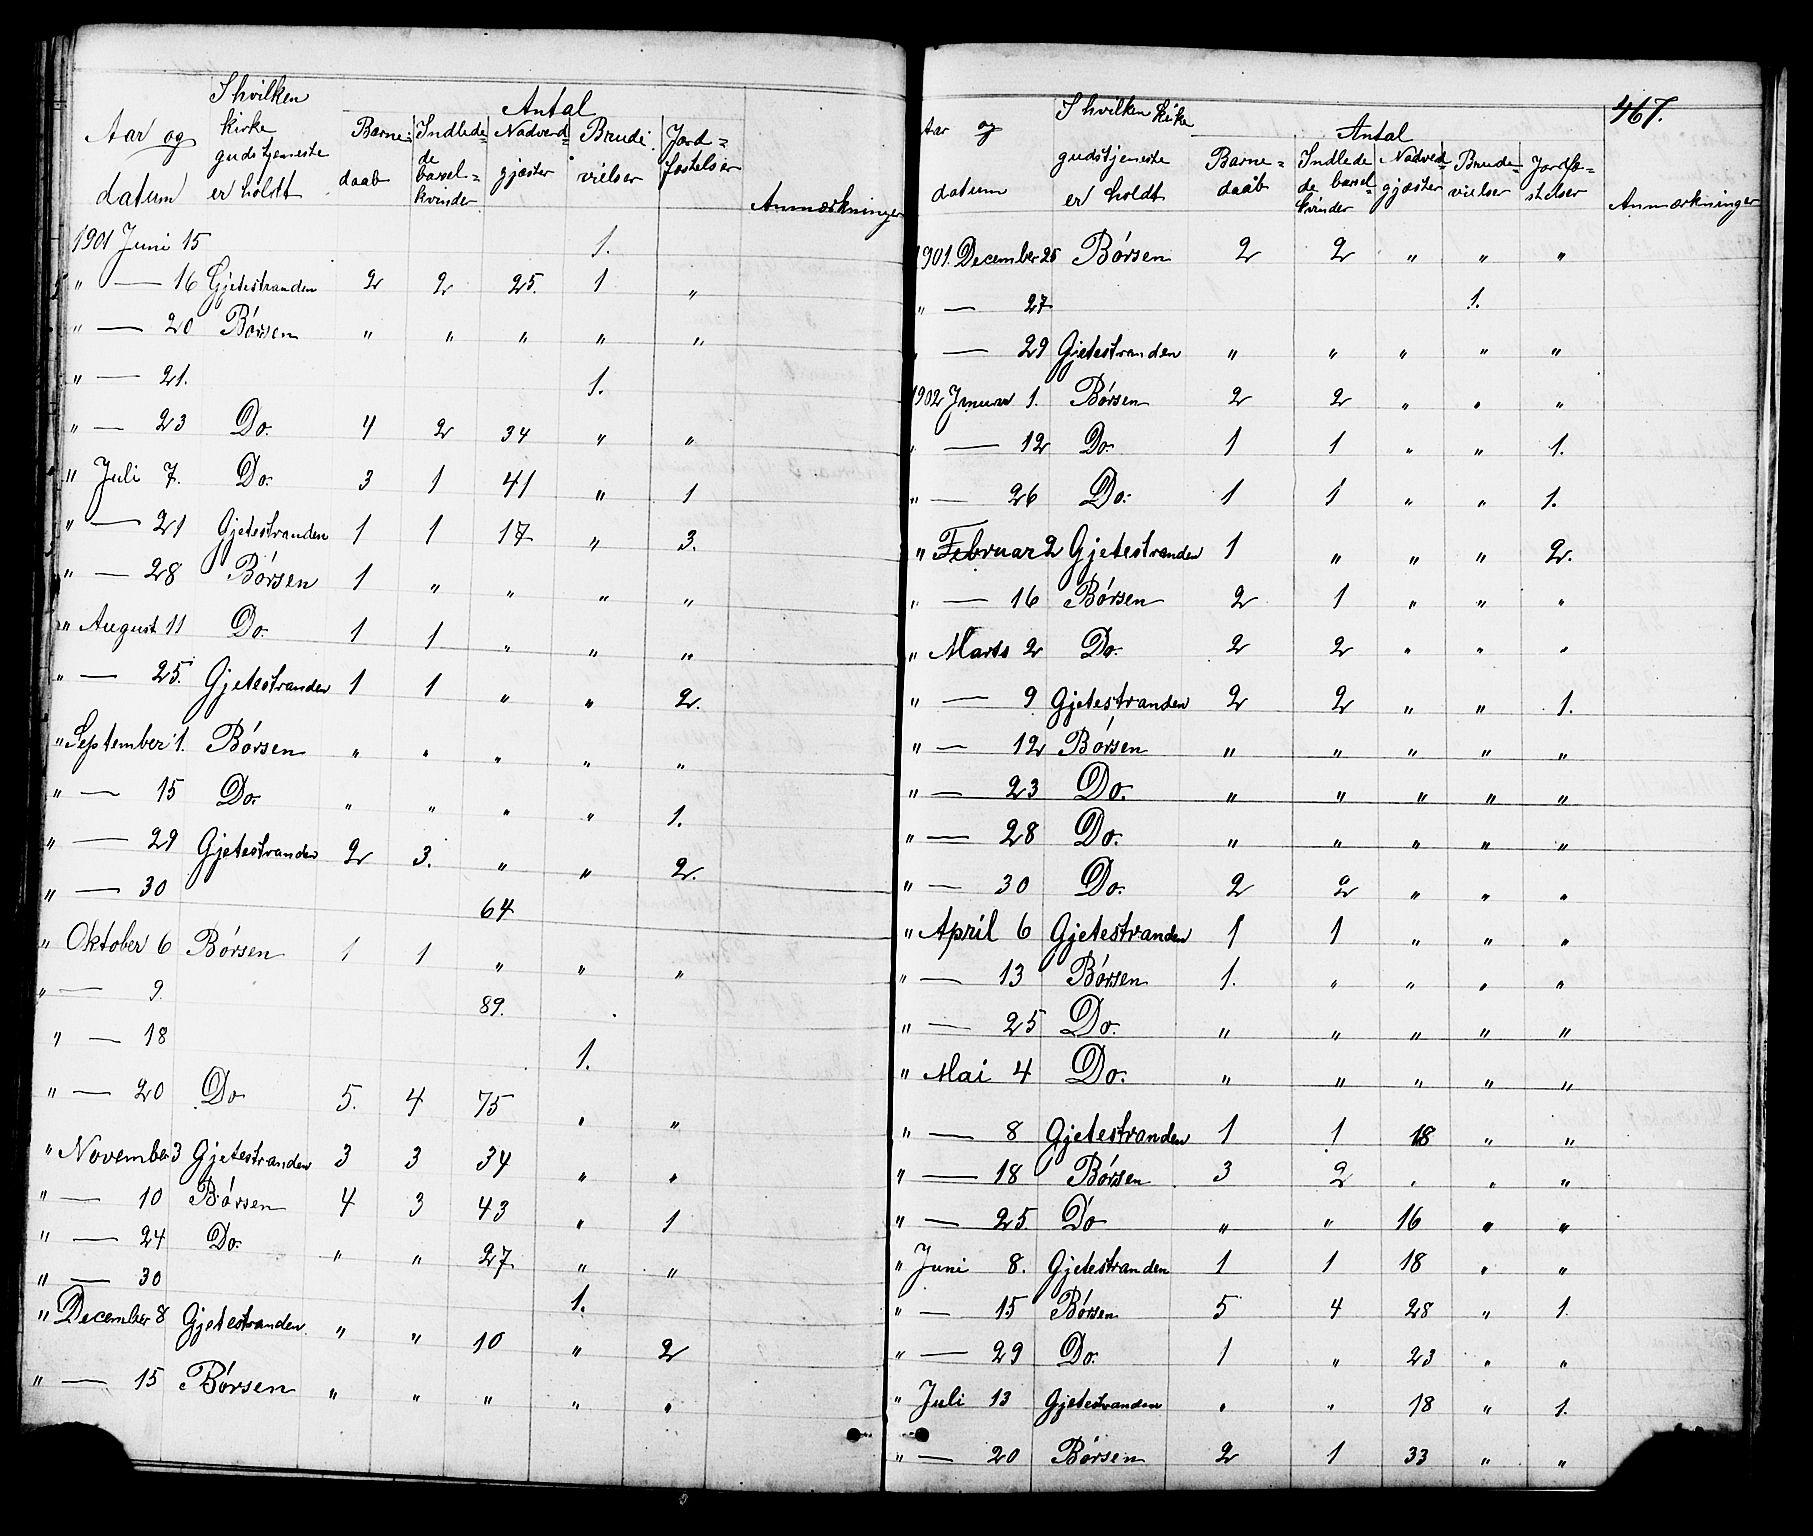 SAT, Ministerialprotokoller, klokkerbøker og fødselsregistre - Sør-Trøndelag, 665/L0777: Klokkerbok nr. 665C02, 1867-1915, s. 467